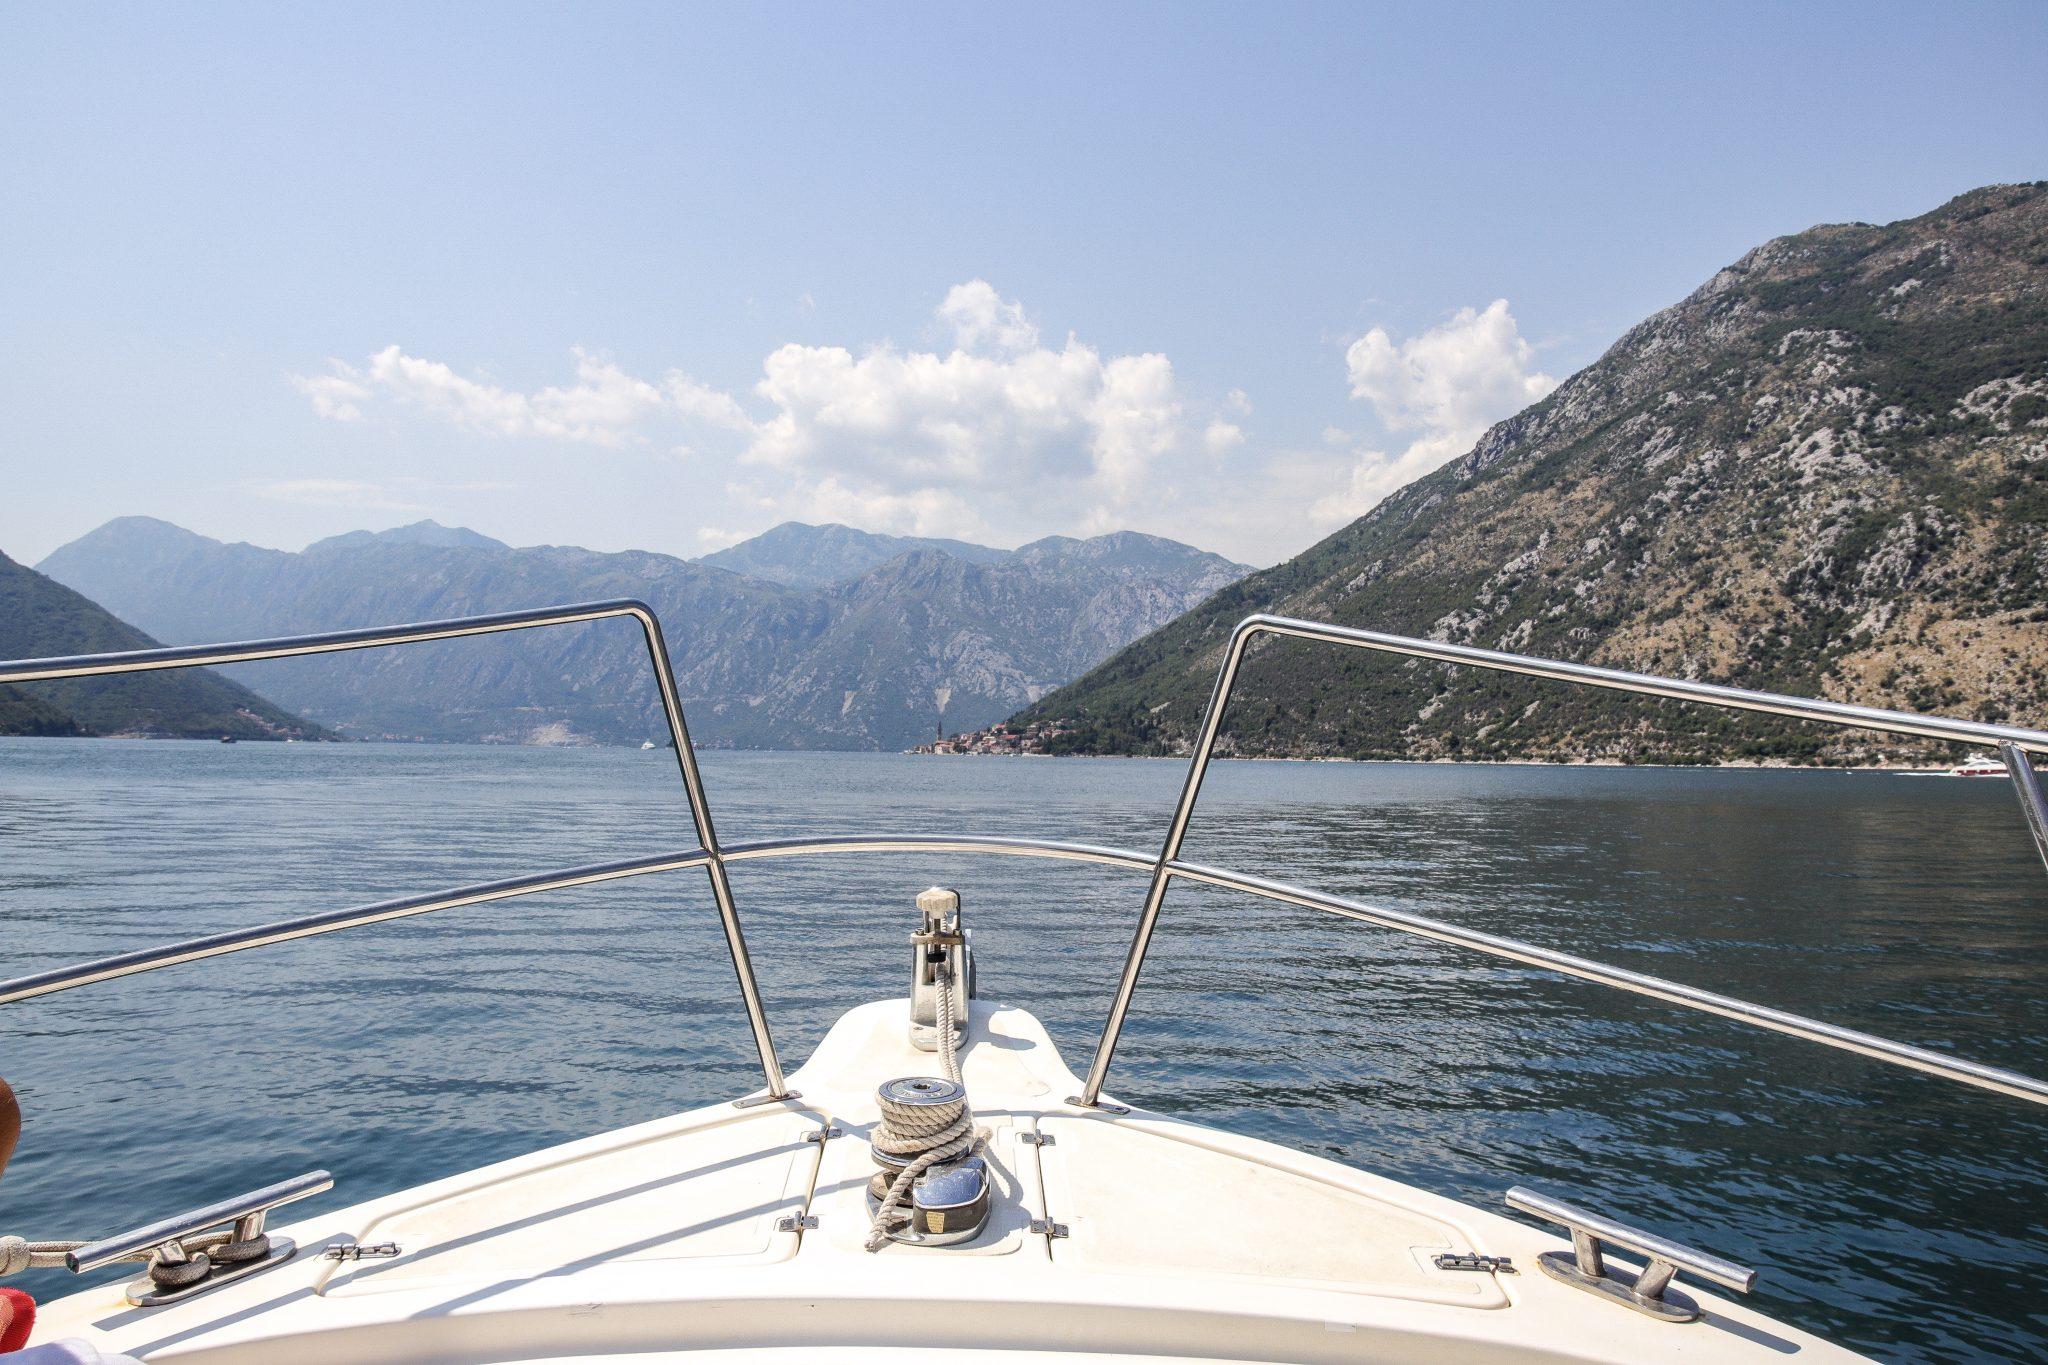 Boat on Bay of Kotor, Montenegro